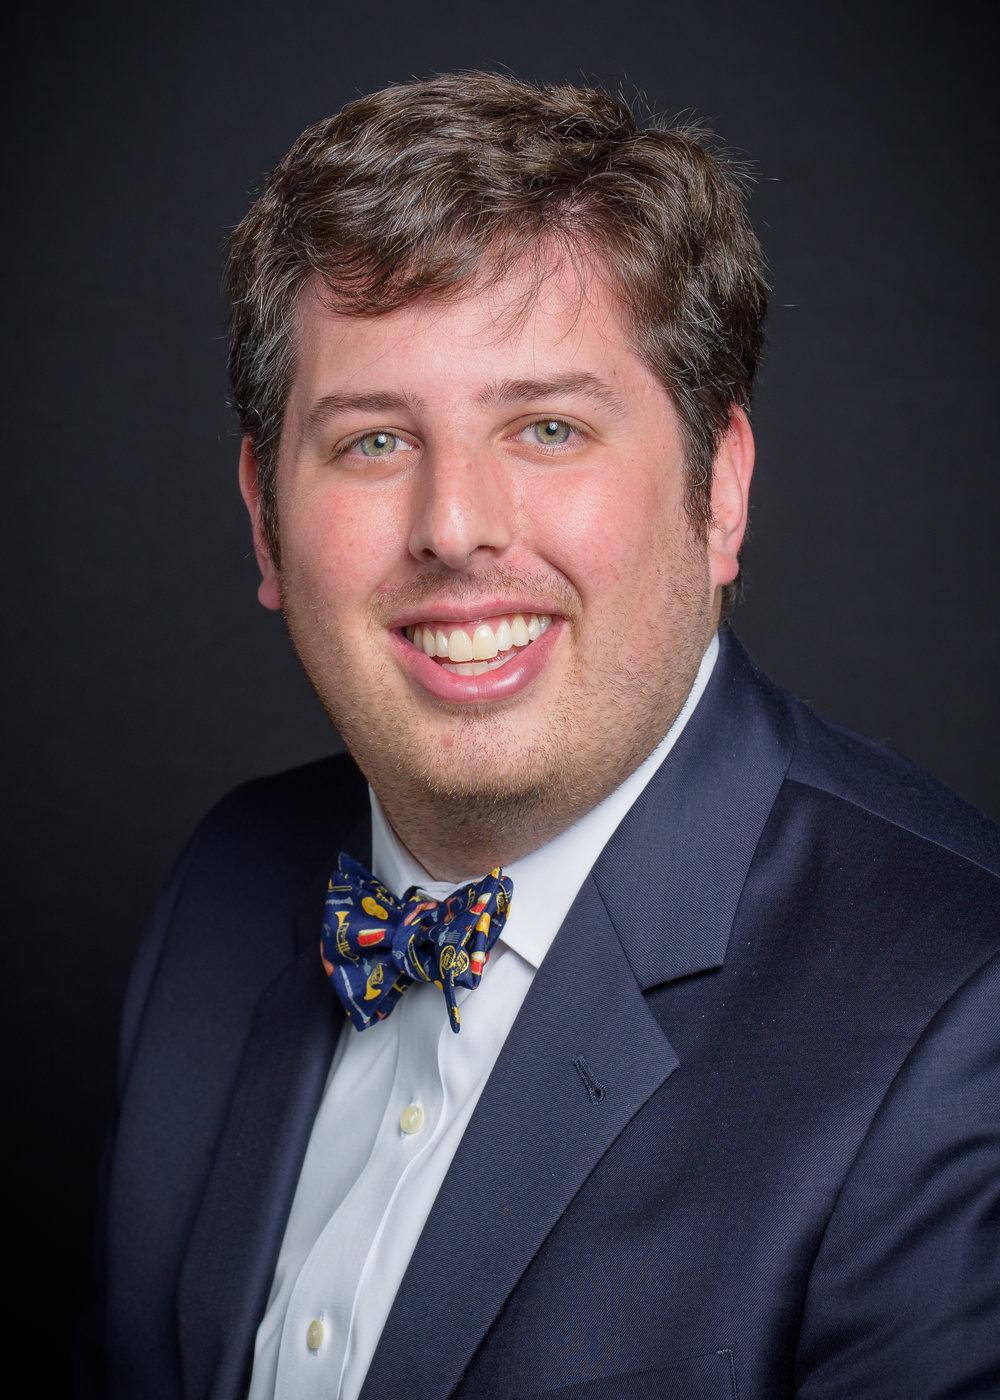 Kenneth Birnbaum